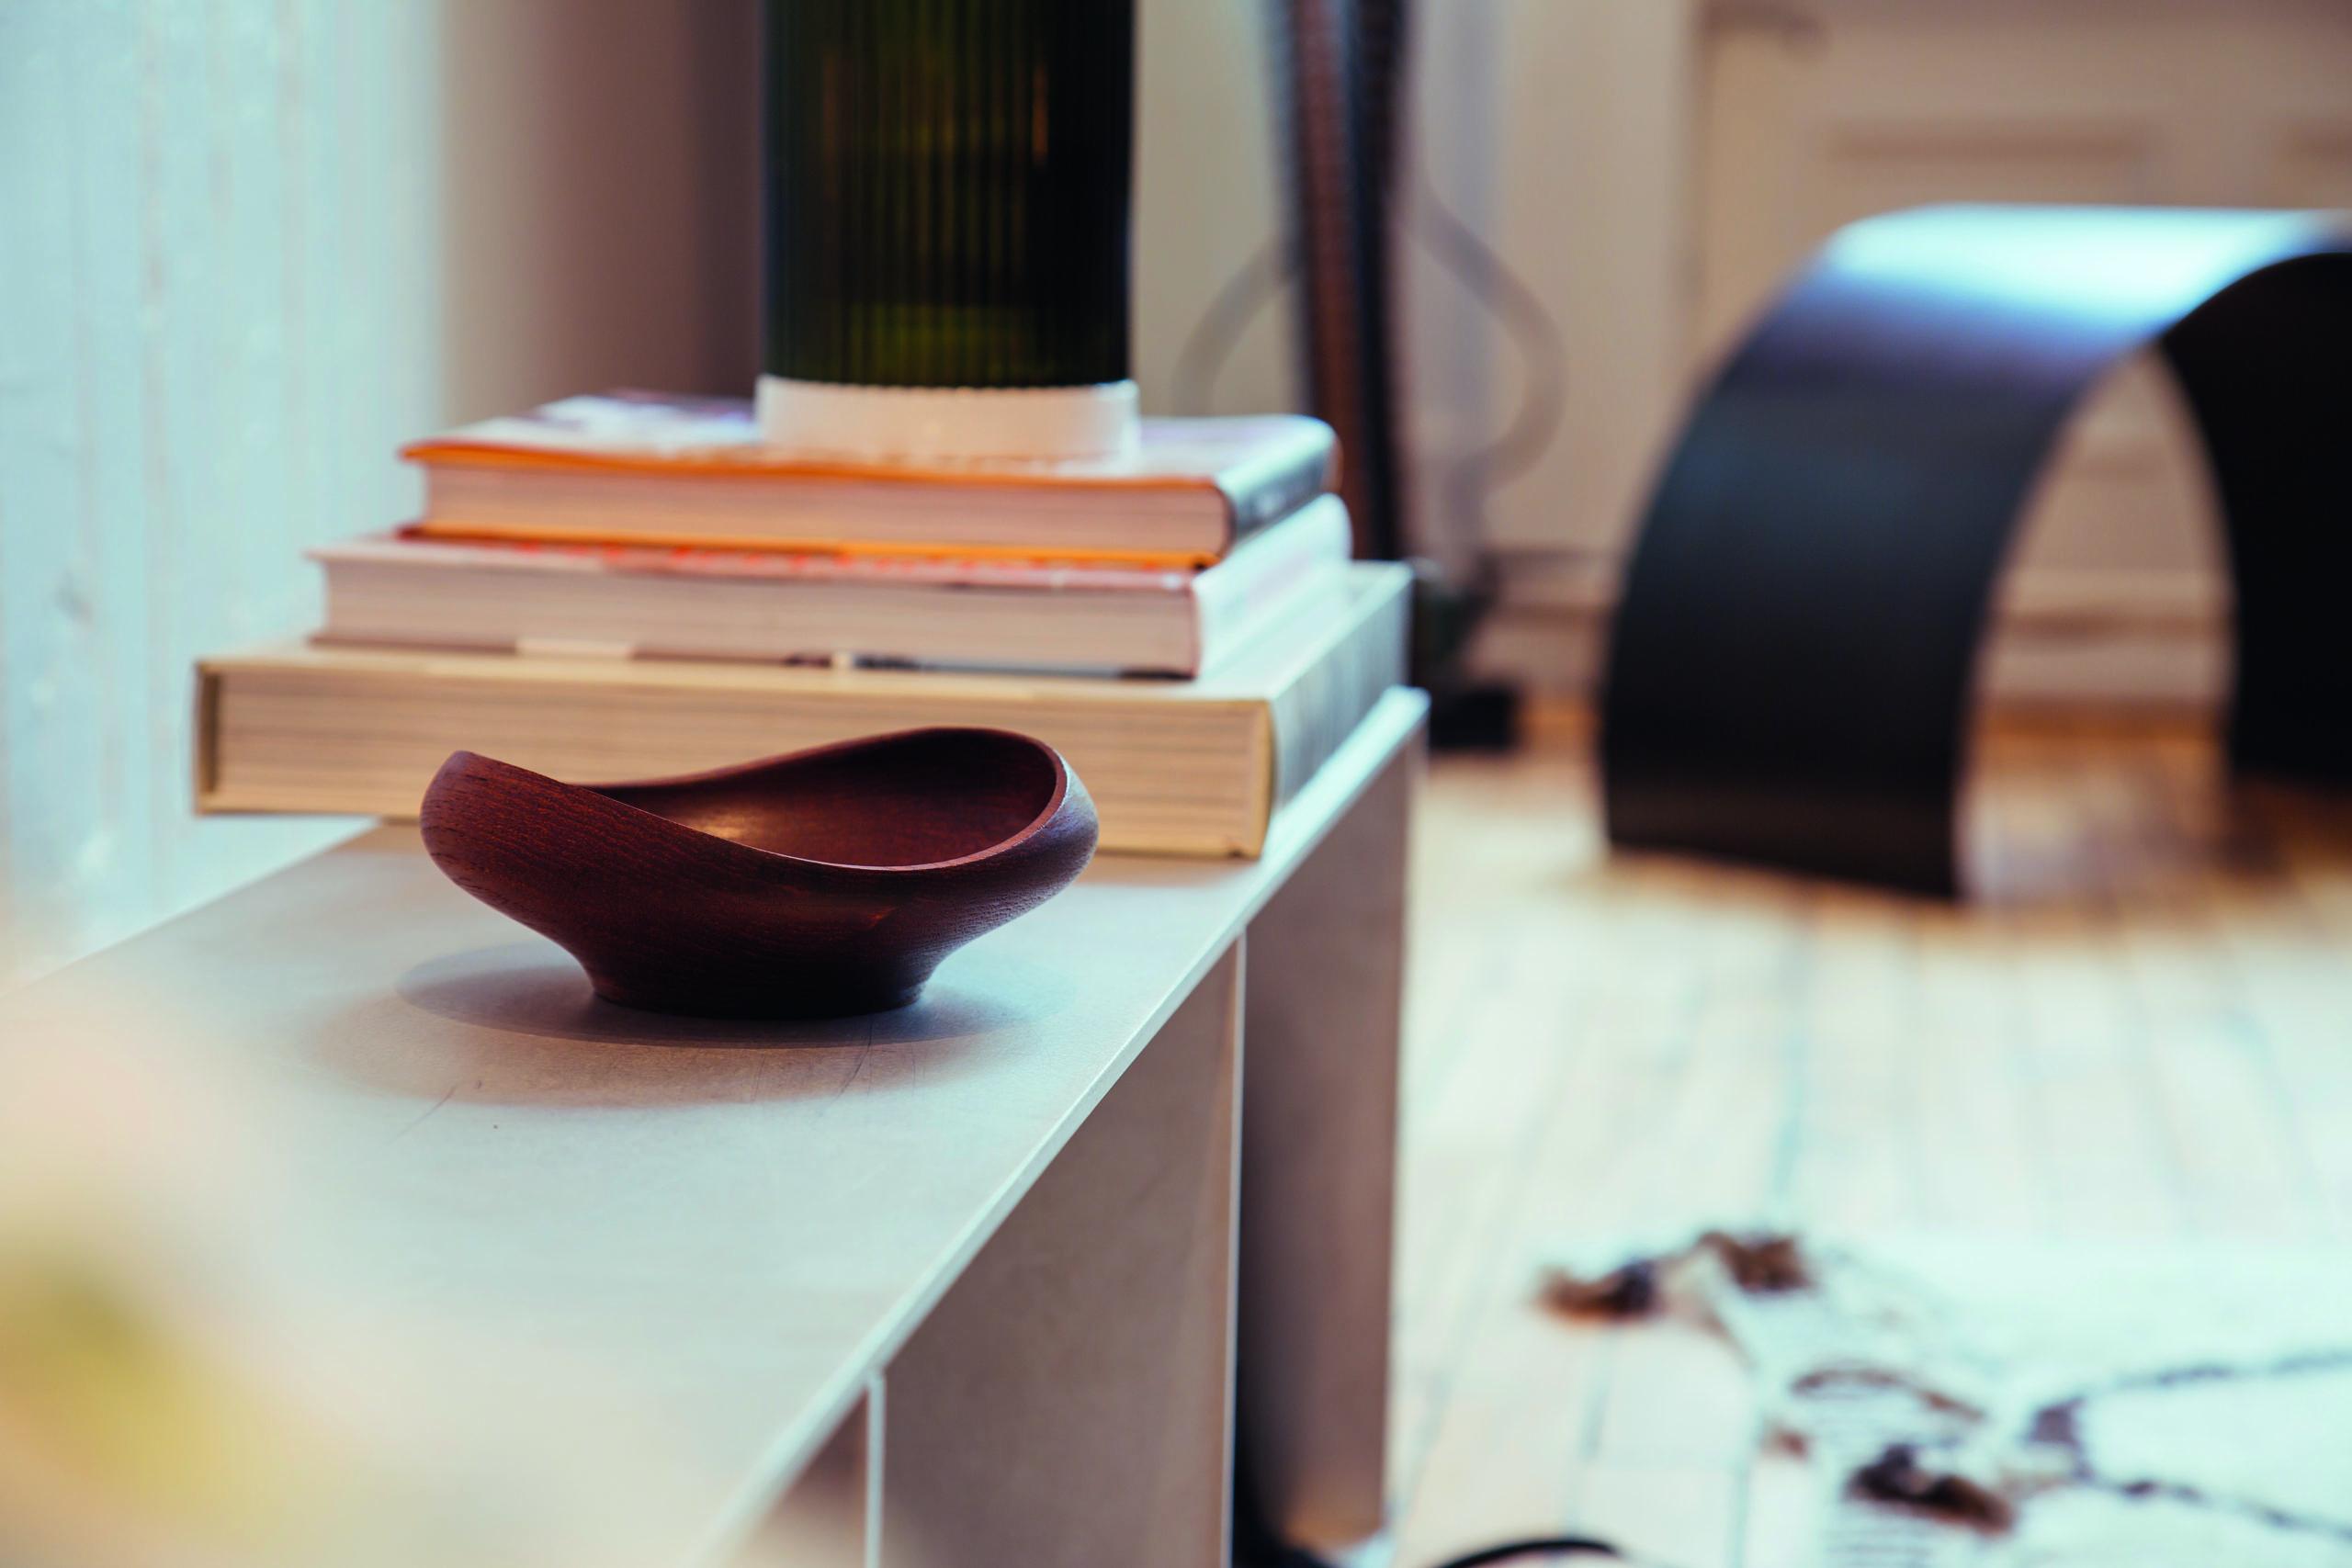 Architectmade-FJ-Bowl-15-Teak-Wood-Denmark-Finn-Juhl-3